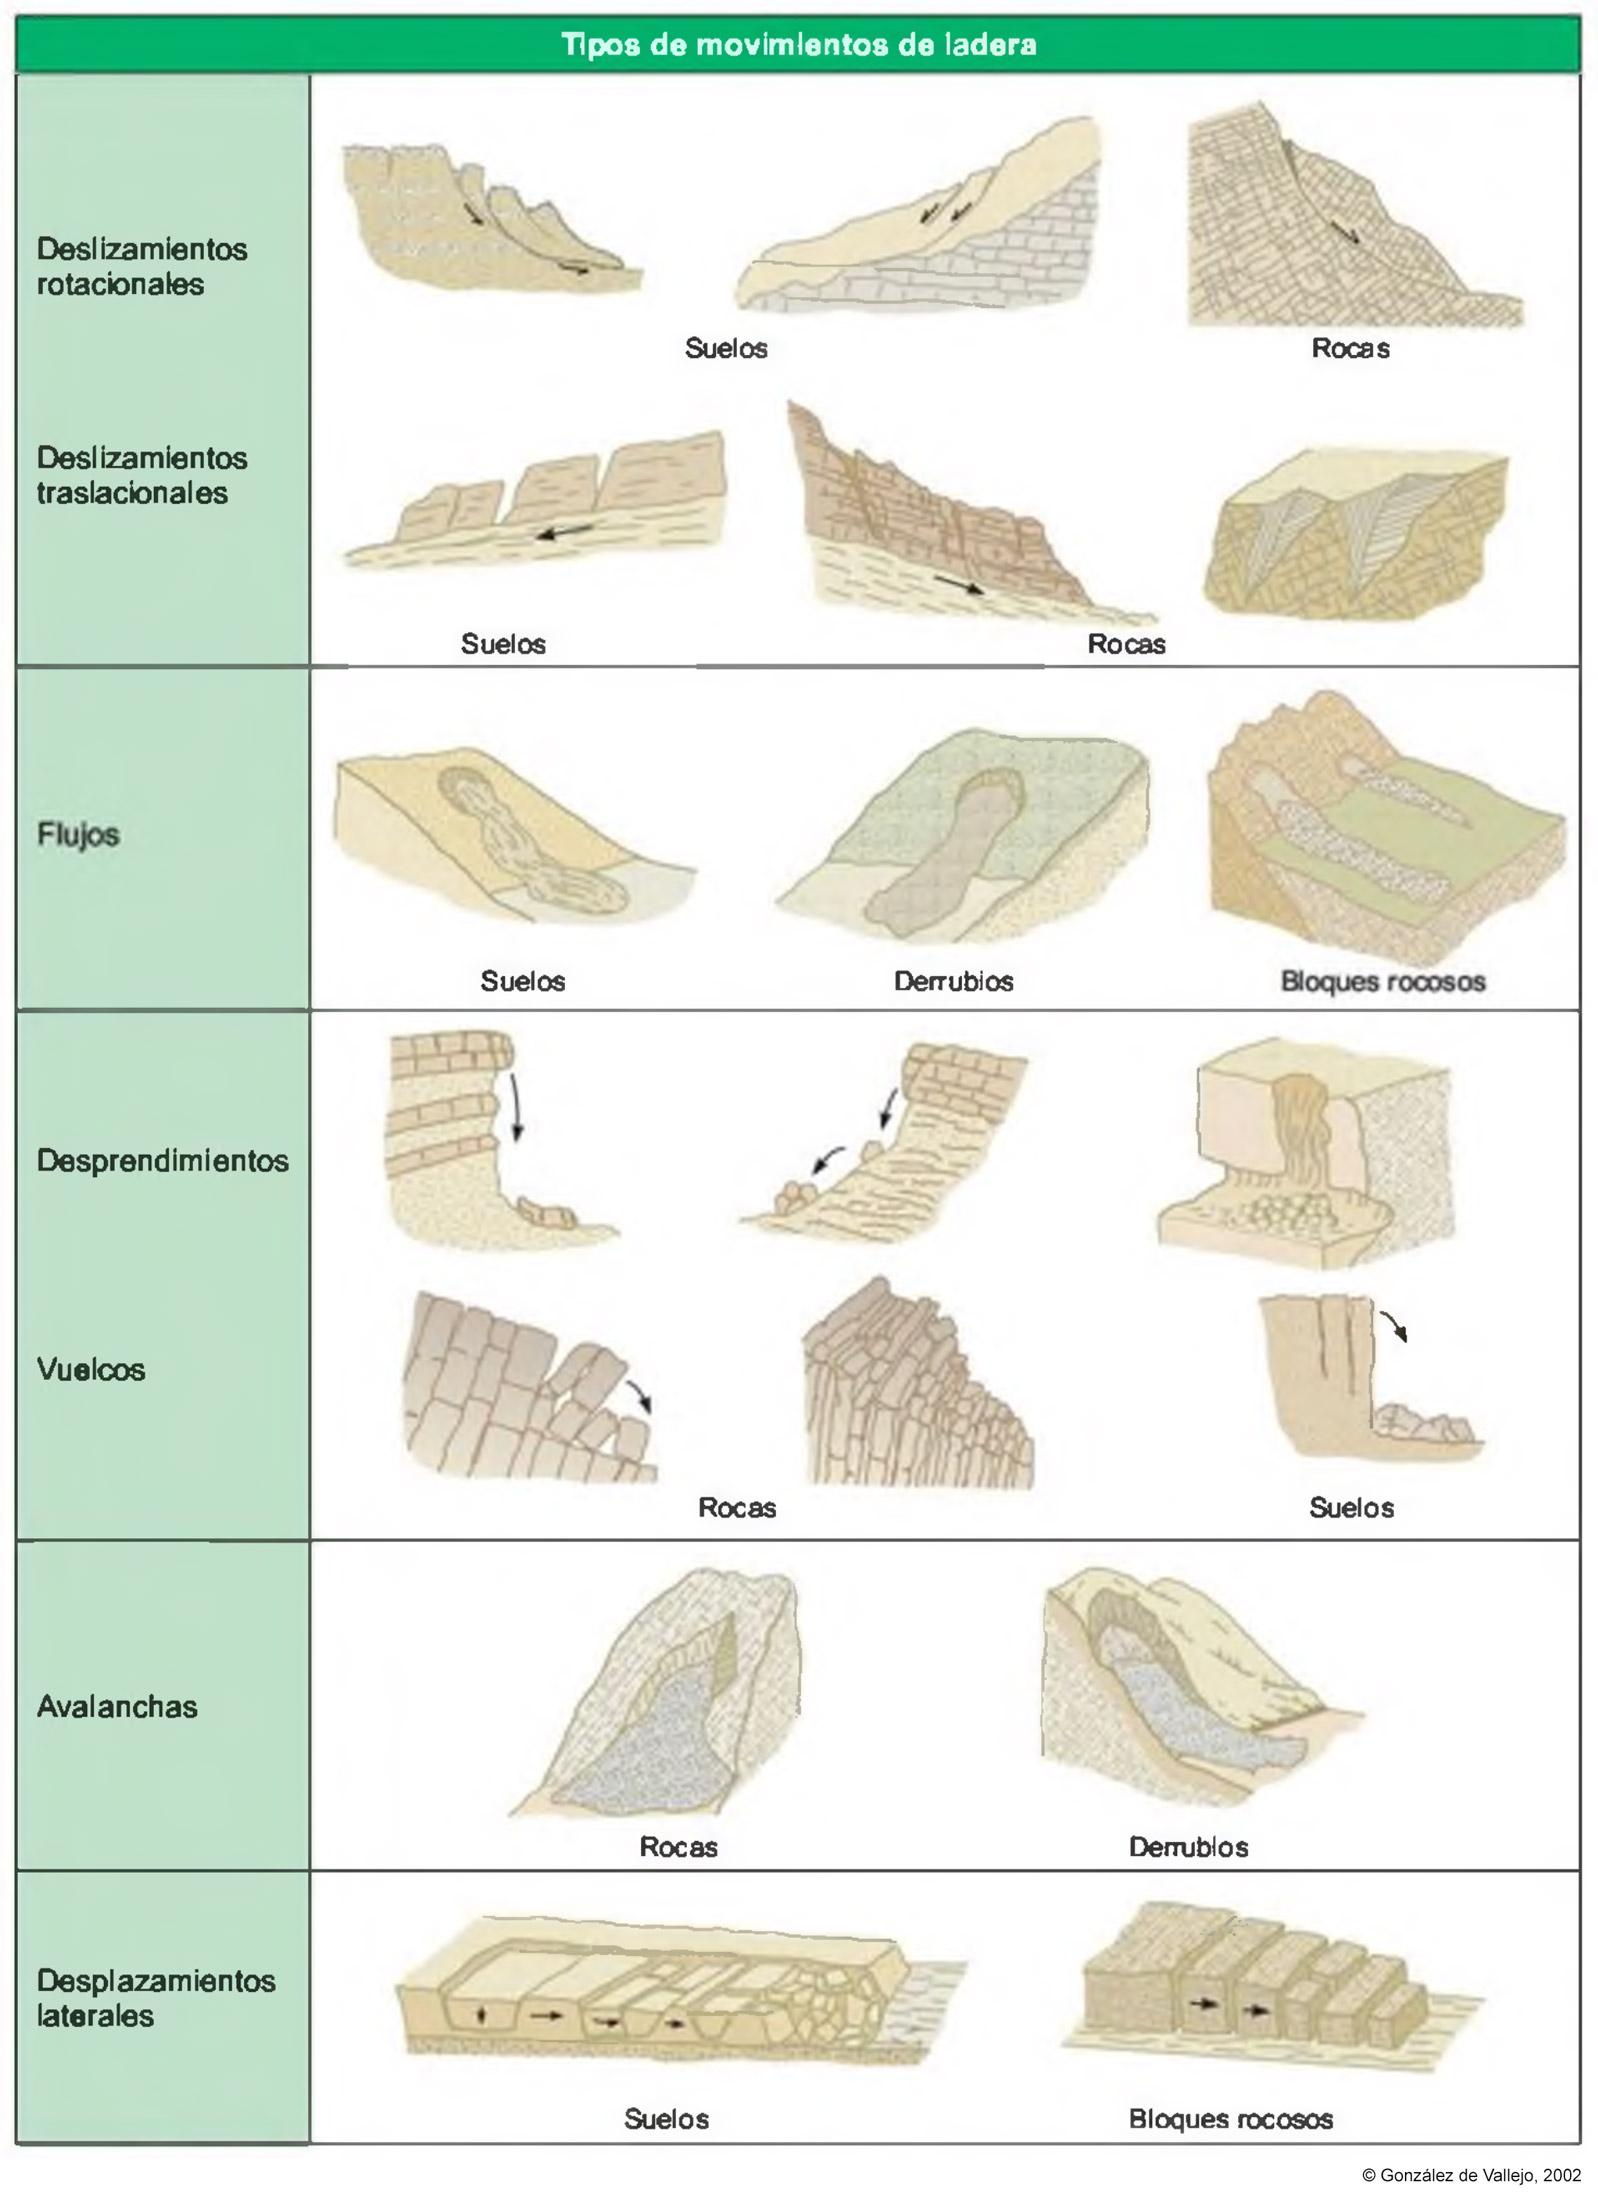 Tipos de deslizamientos de tierra